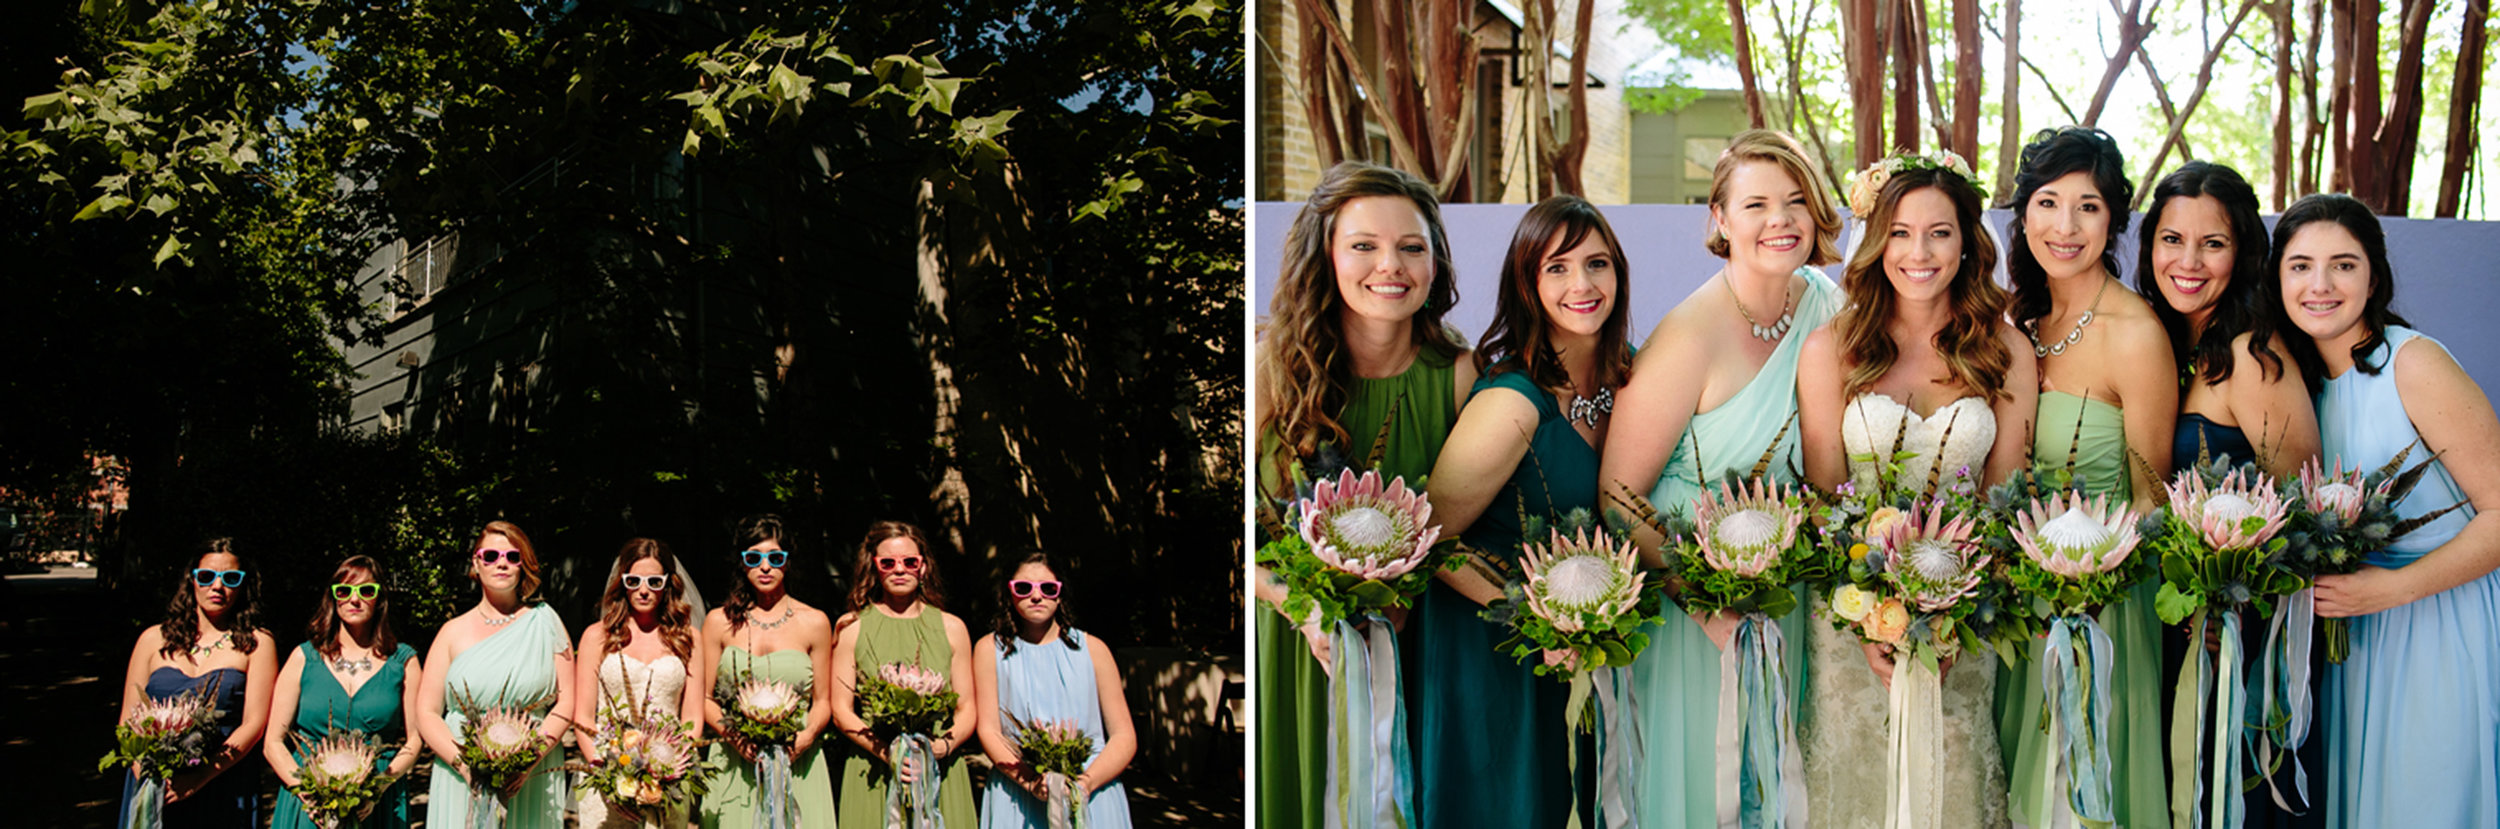 Austin_WeddingPhotographer023.jpg